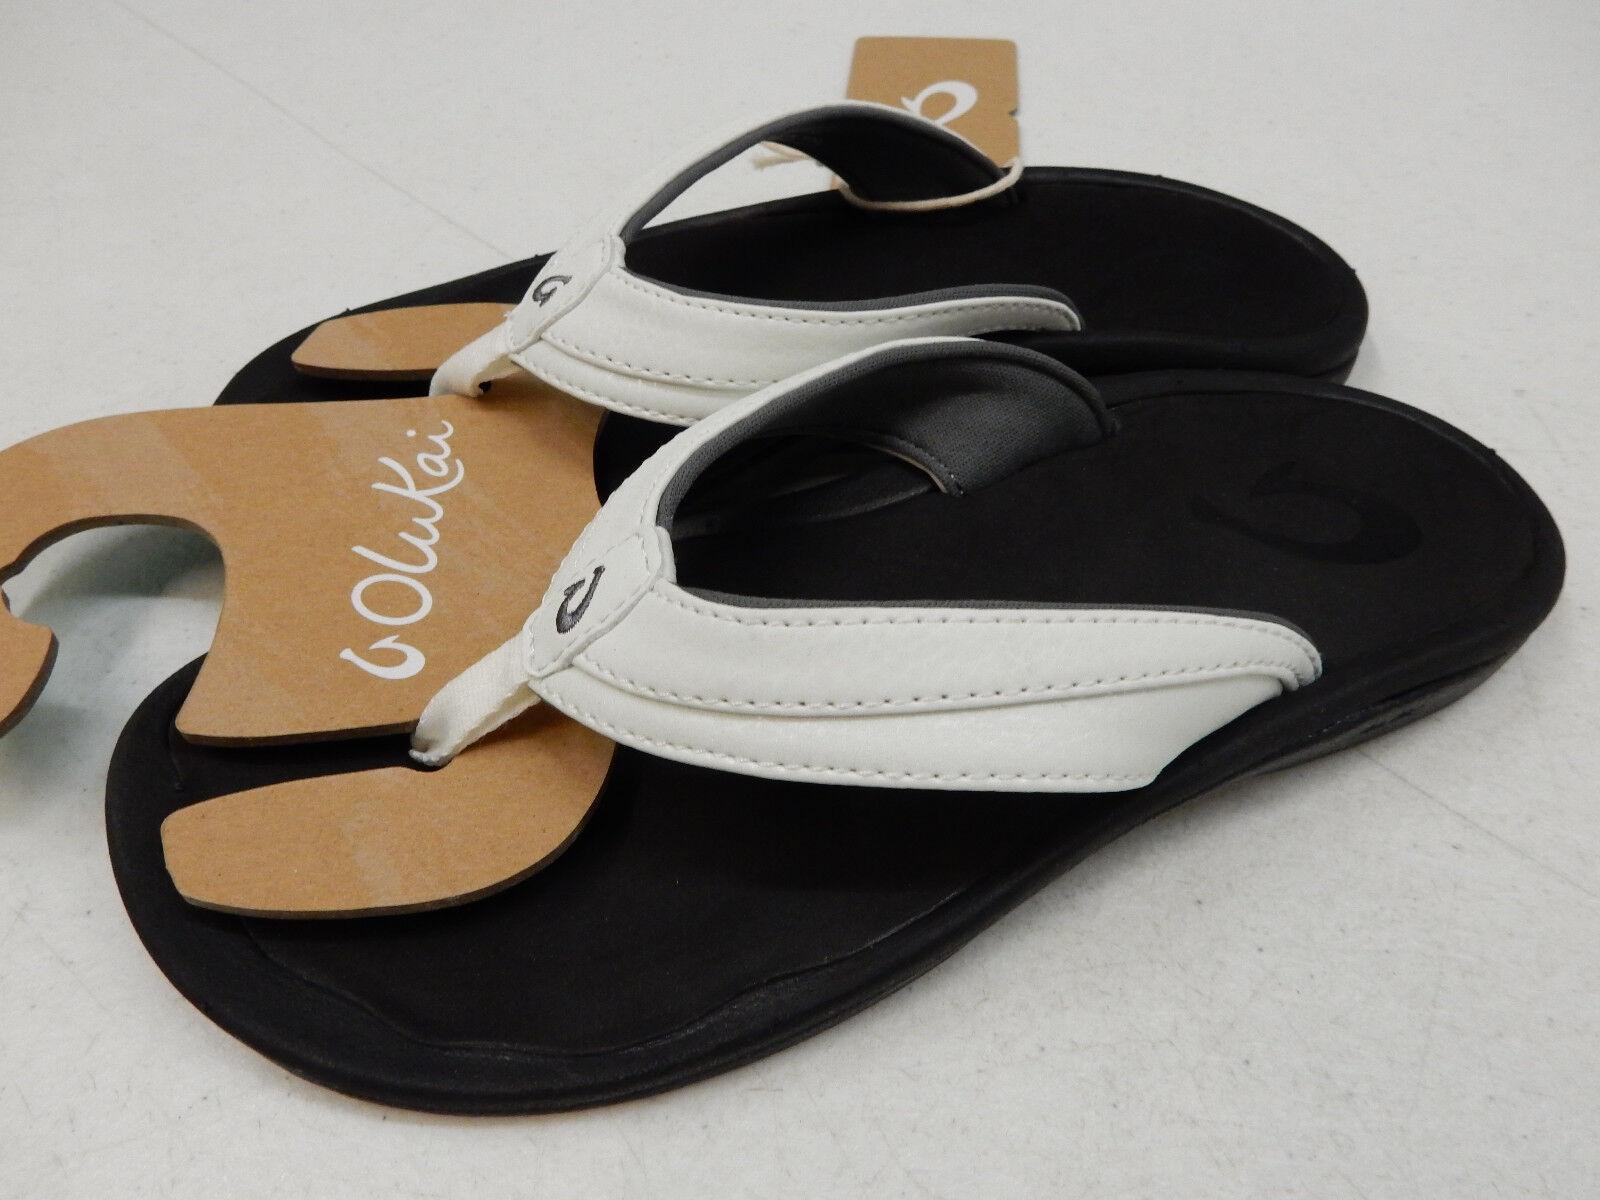 Olukai Ohana Sandalias Sandalias Sandalias De Mujer blancoo Negro Talla 11  ventas en linea